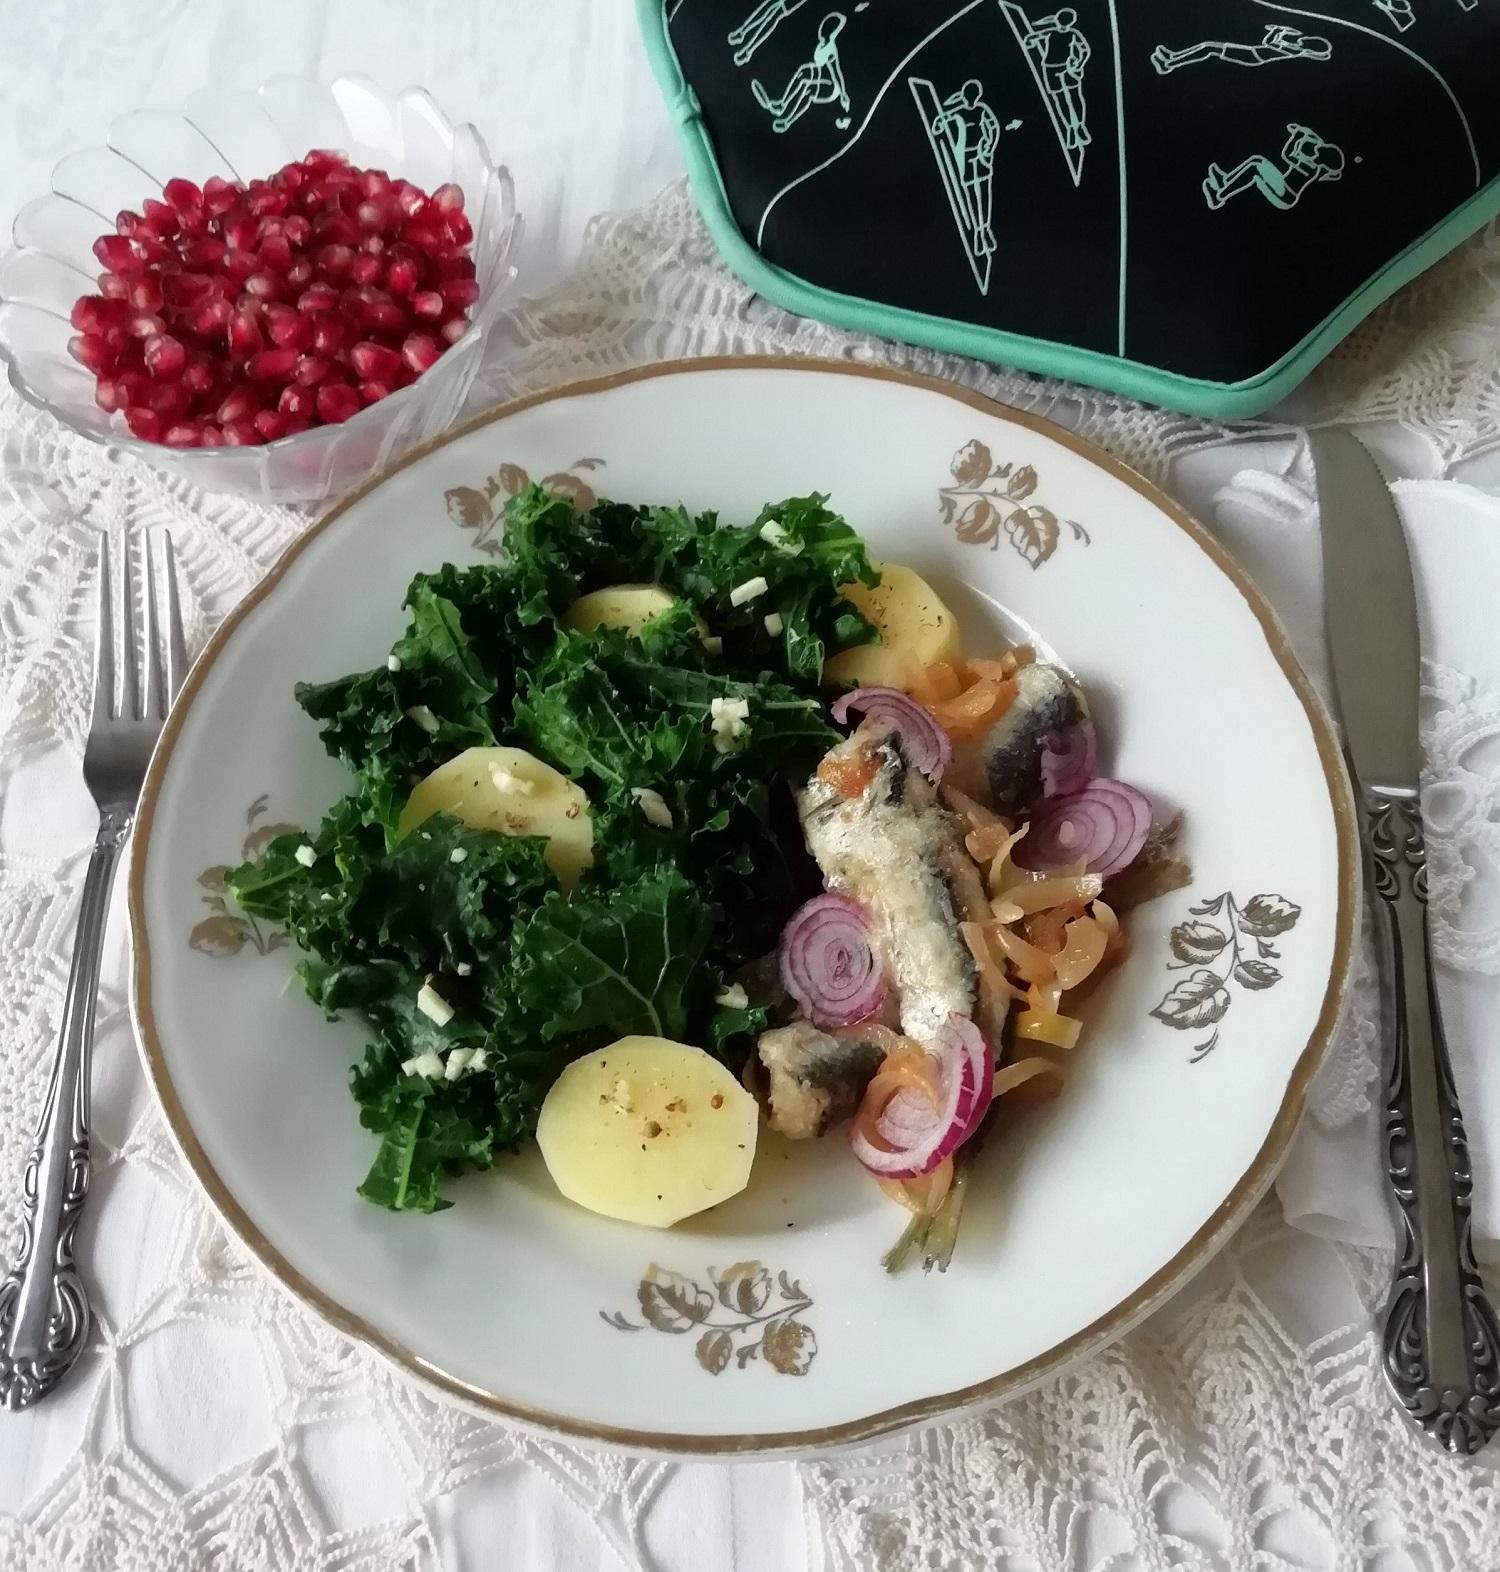 Kvalitetan obrok nakon treninga uključuje bjelančevine, ugljikohidrate, vitamine, mineralne tvari, vodu...